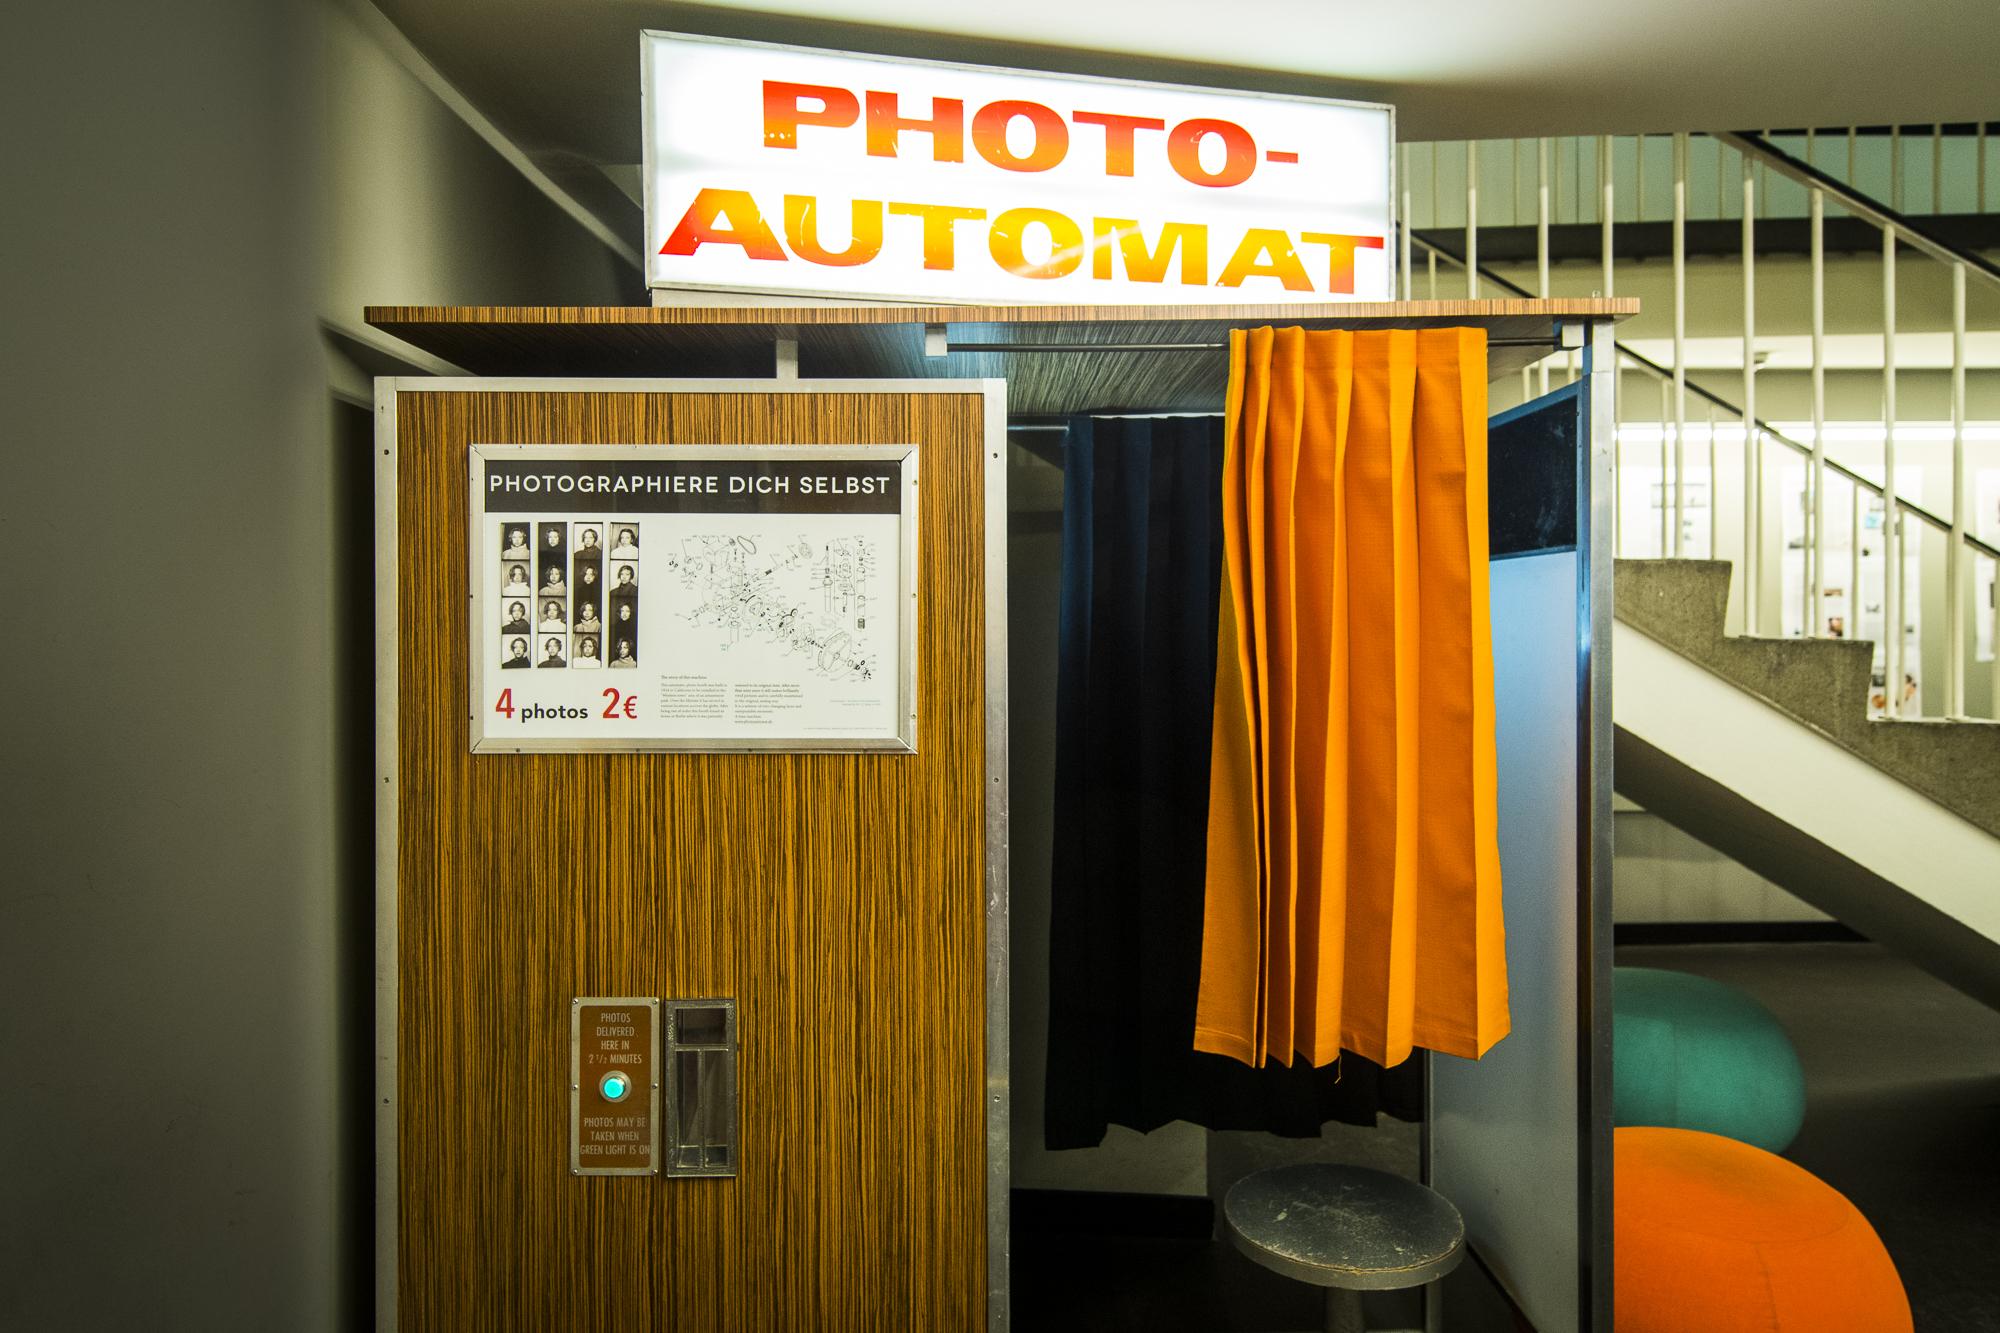 Amerika Haus  PHOTOGRAPHY: ALEXANDER J.E. BRADLEY • NIKON D500 • AF-S NIKKOR 14-24MM F/2.8G ED @ 14MM • F/2.8 • 1/80 • ISO 800